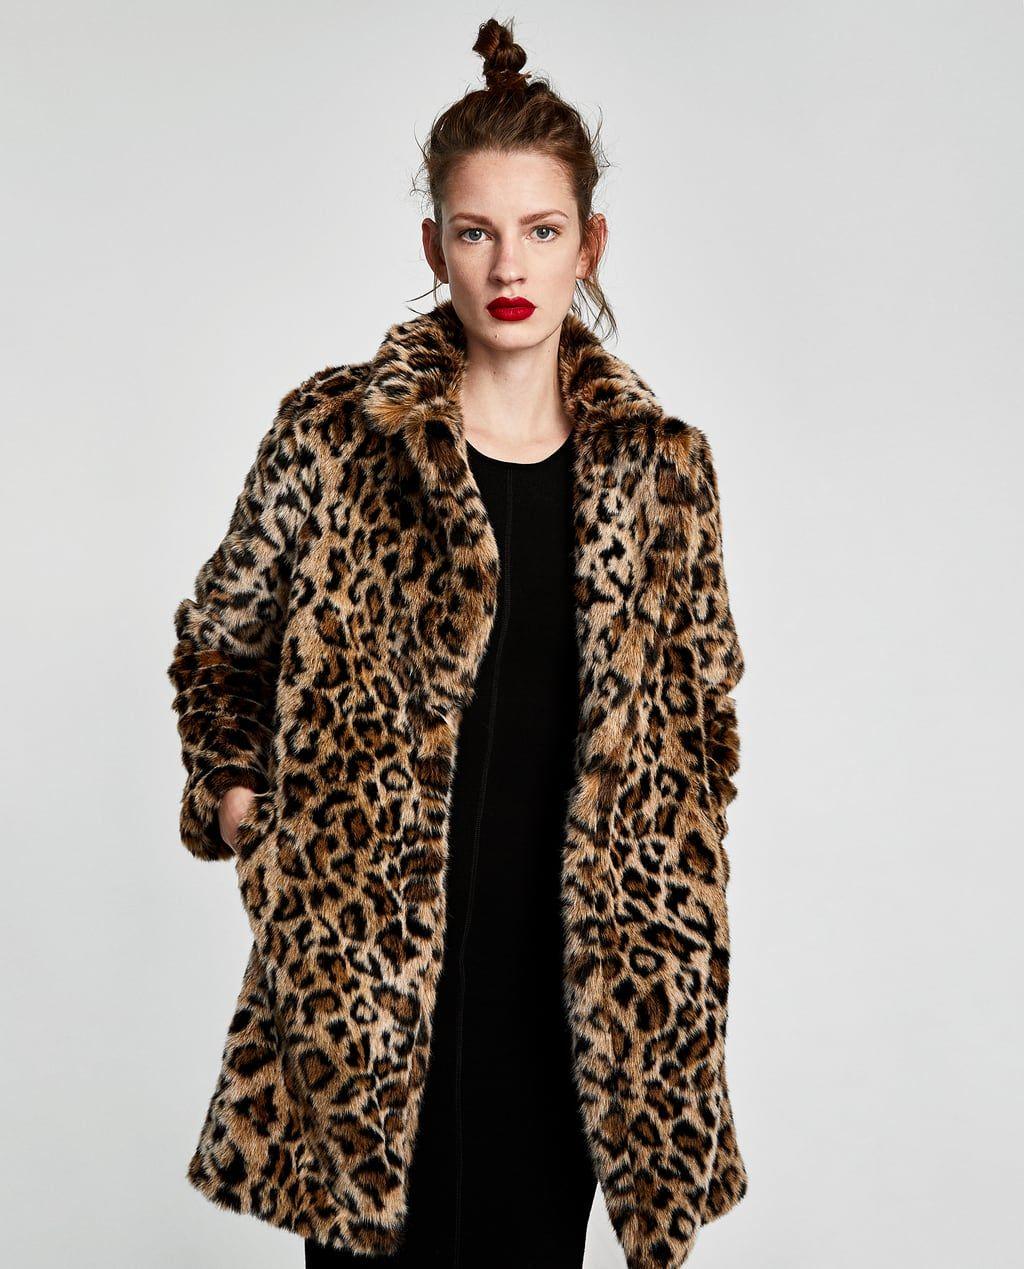 Abrigo animal print zara – Revista de moda popular